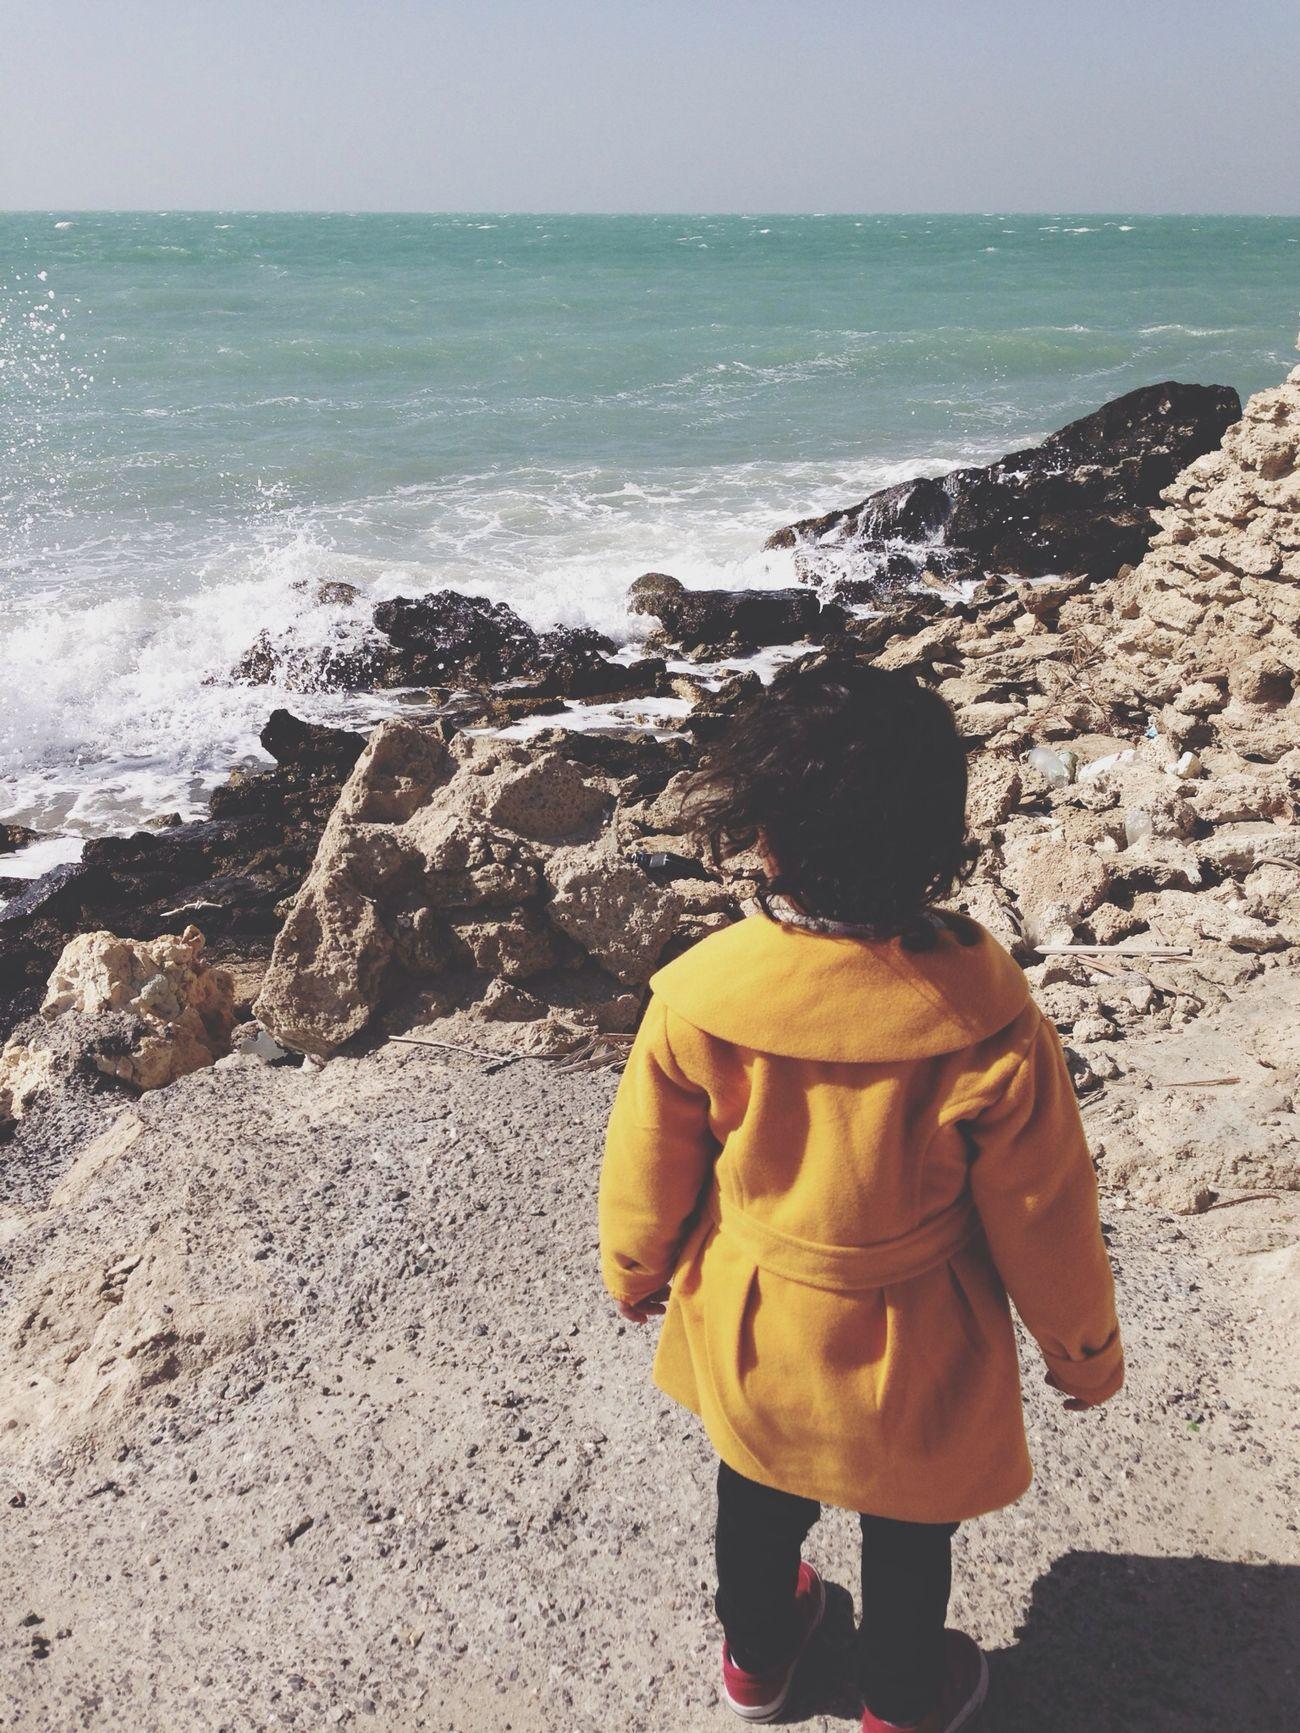 تبي تعرف متى ينتهي غلاكـ عندي؟! وقف على شط البحر وأنتظر حتى ينتهي موجه ?❤️